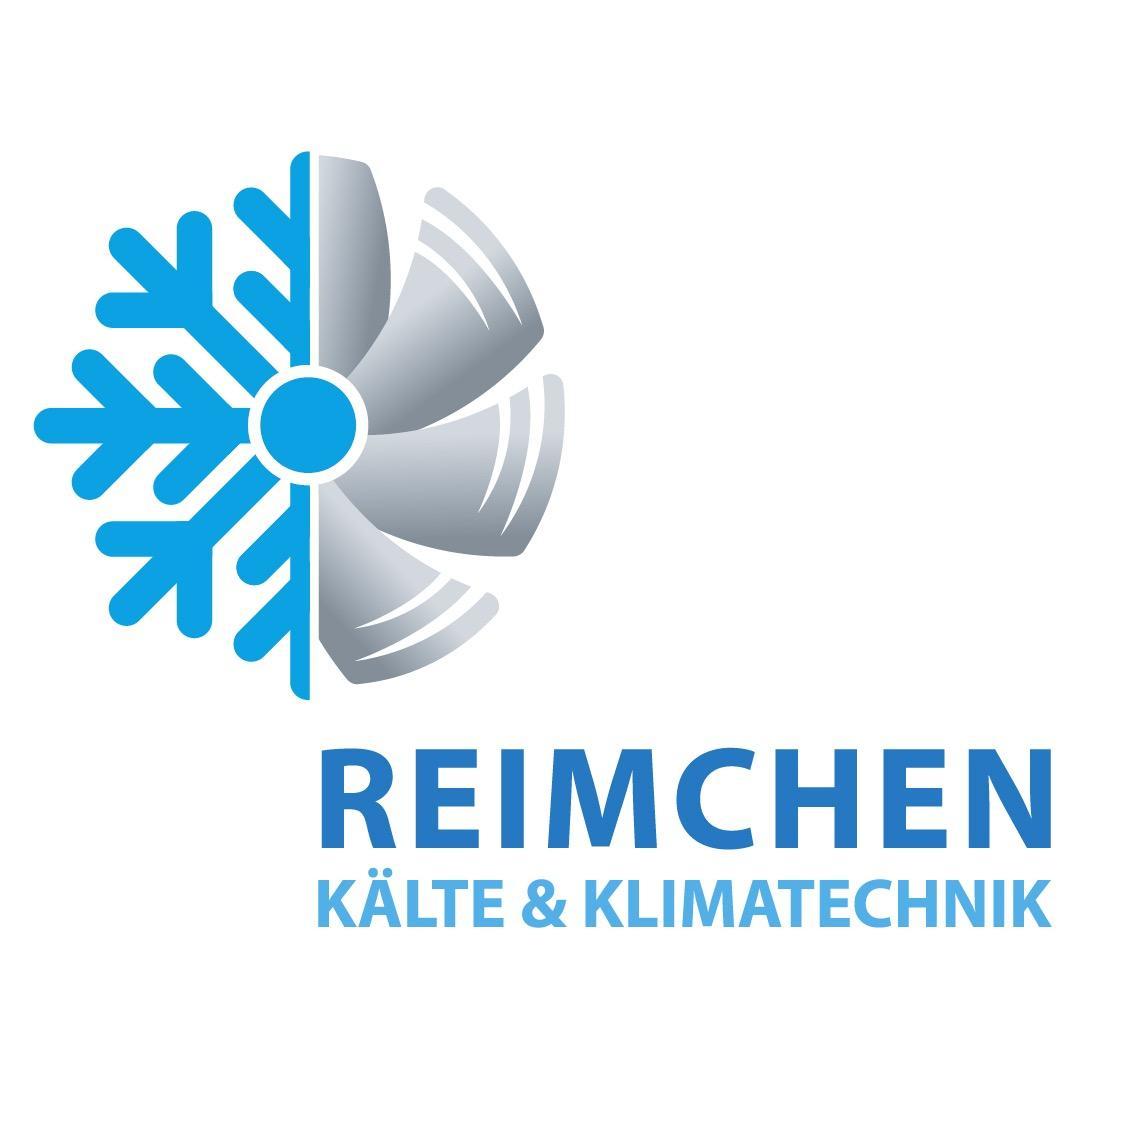 Bild zu Reimchen Kälte-Klimatechnik in Sulzbach am Main